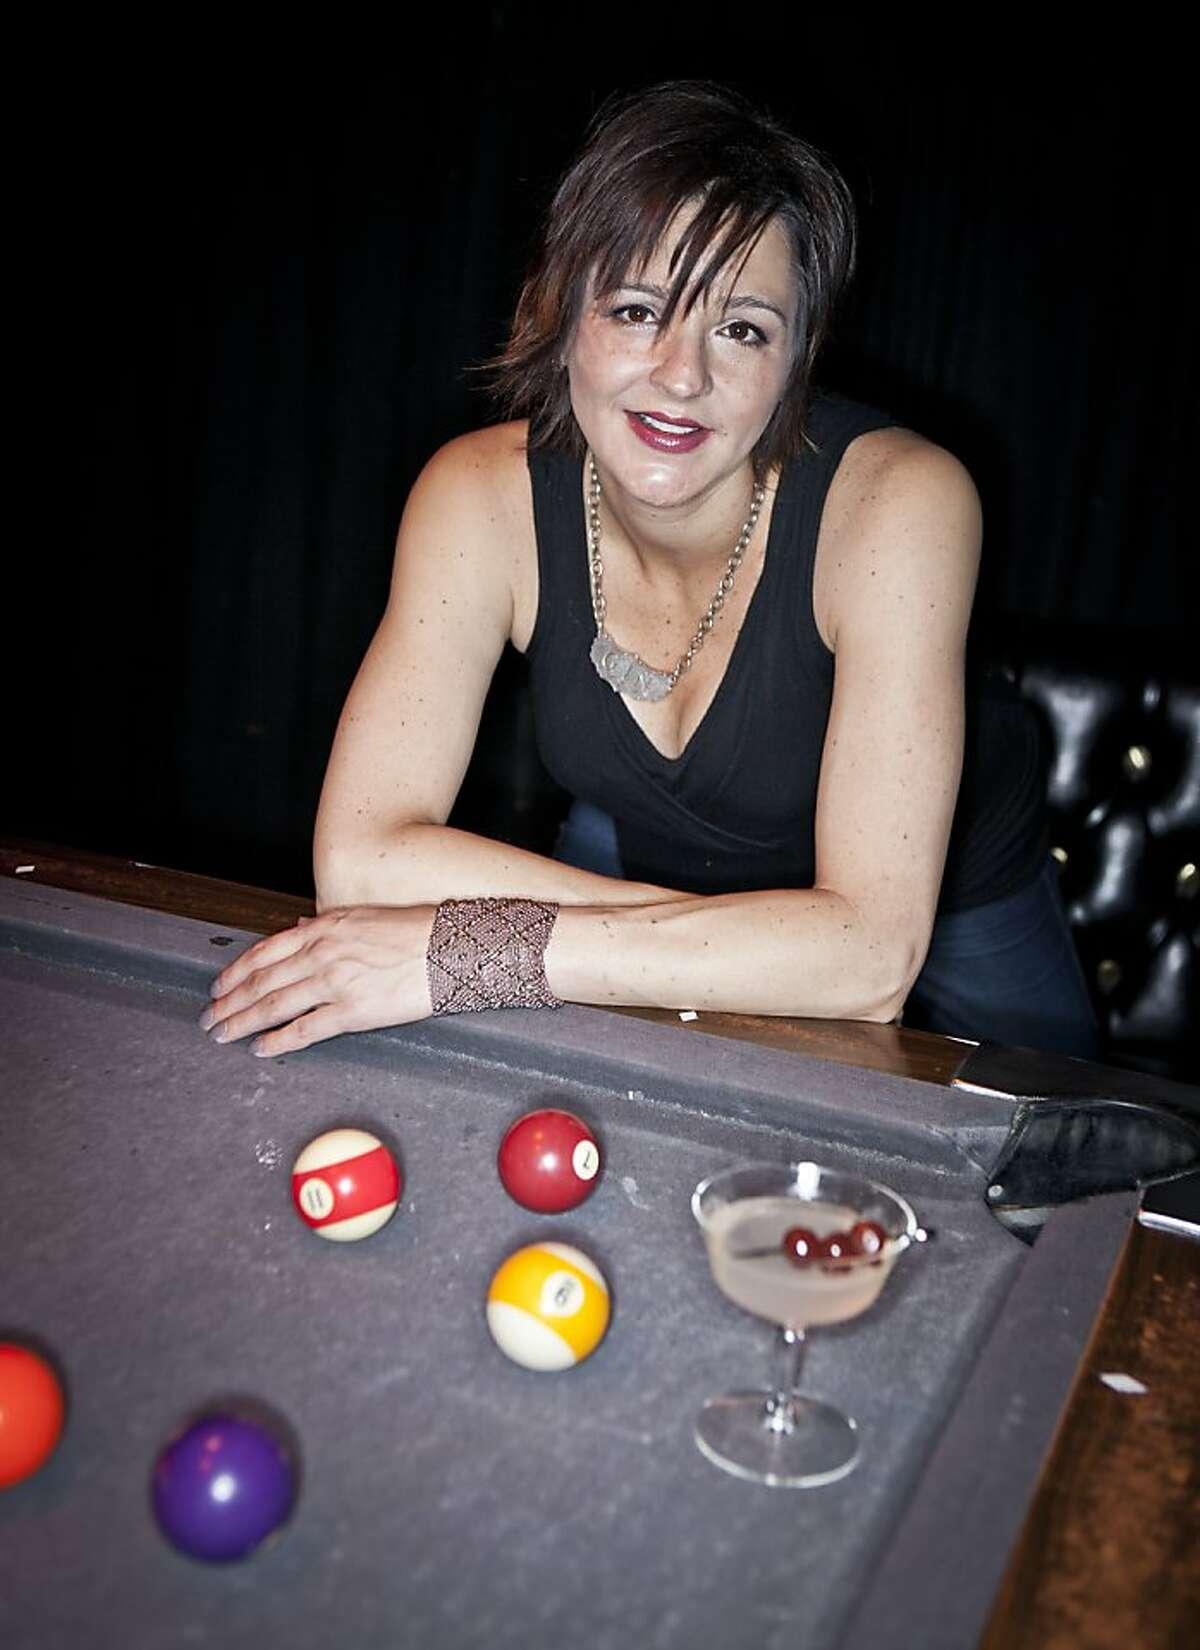 Jessica Maria of Hotsy Totsy, seen on Tuesday, June 5, 2012 at Hotsy Totsy Club in Albany, Calif., is a Chronicle 2012 Bar Star.